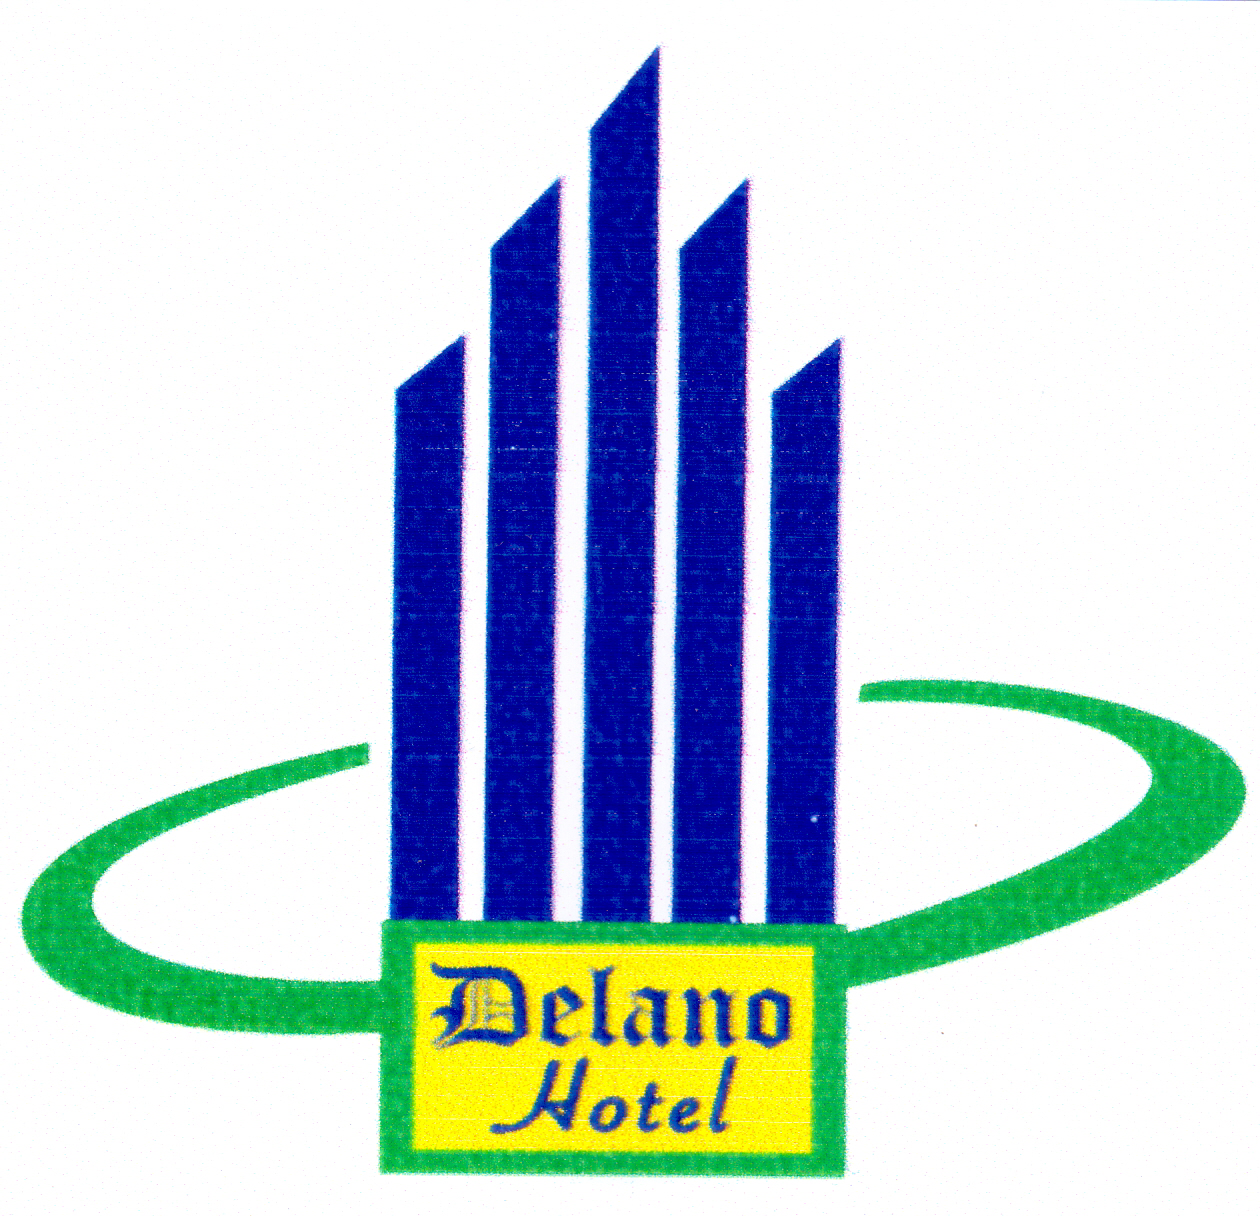 巴赫達爾德拉諾酒店